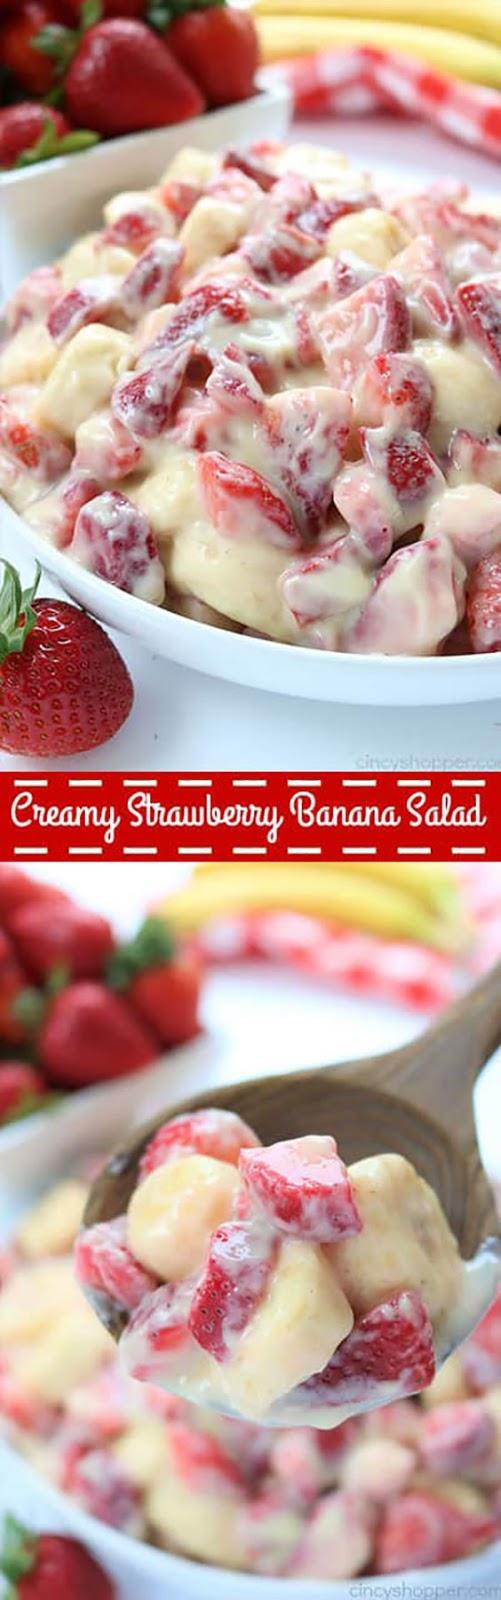 Creamy Strawberry Banana Salad